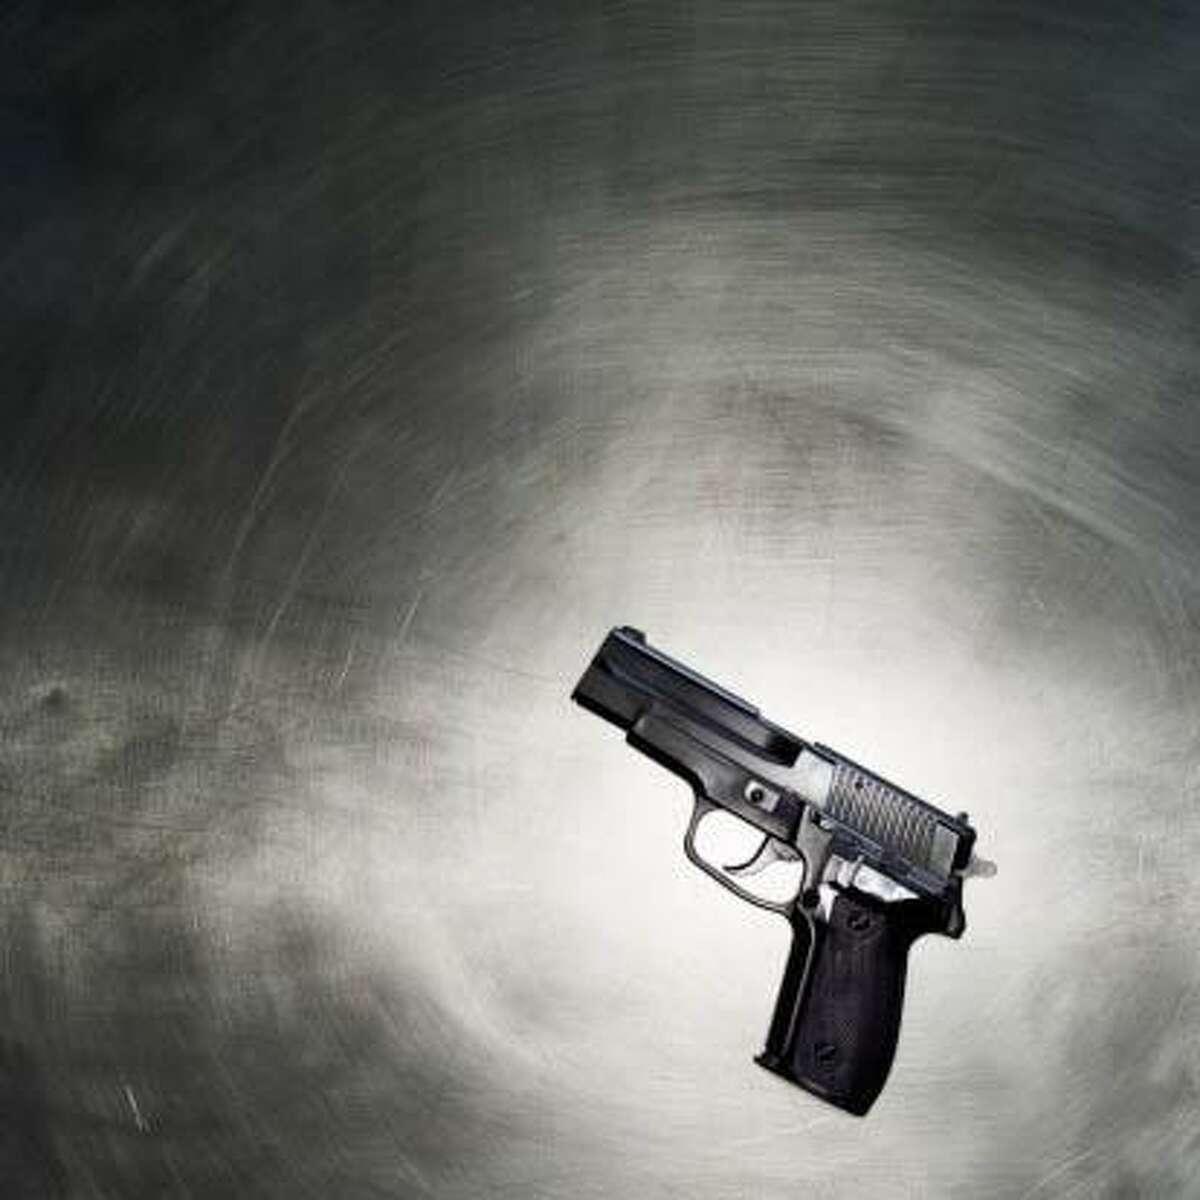 Close-up of a gun